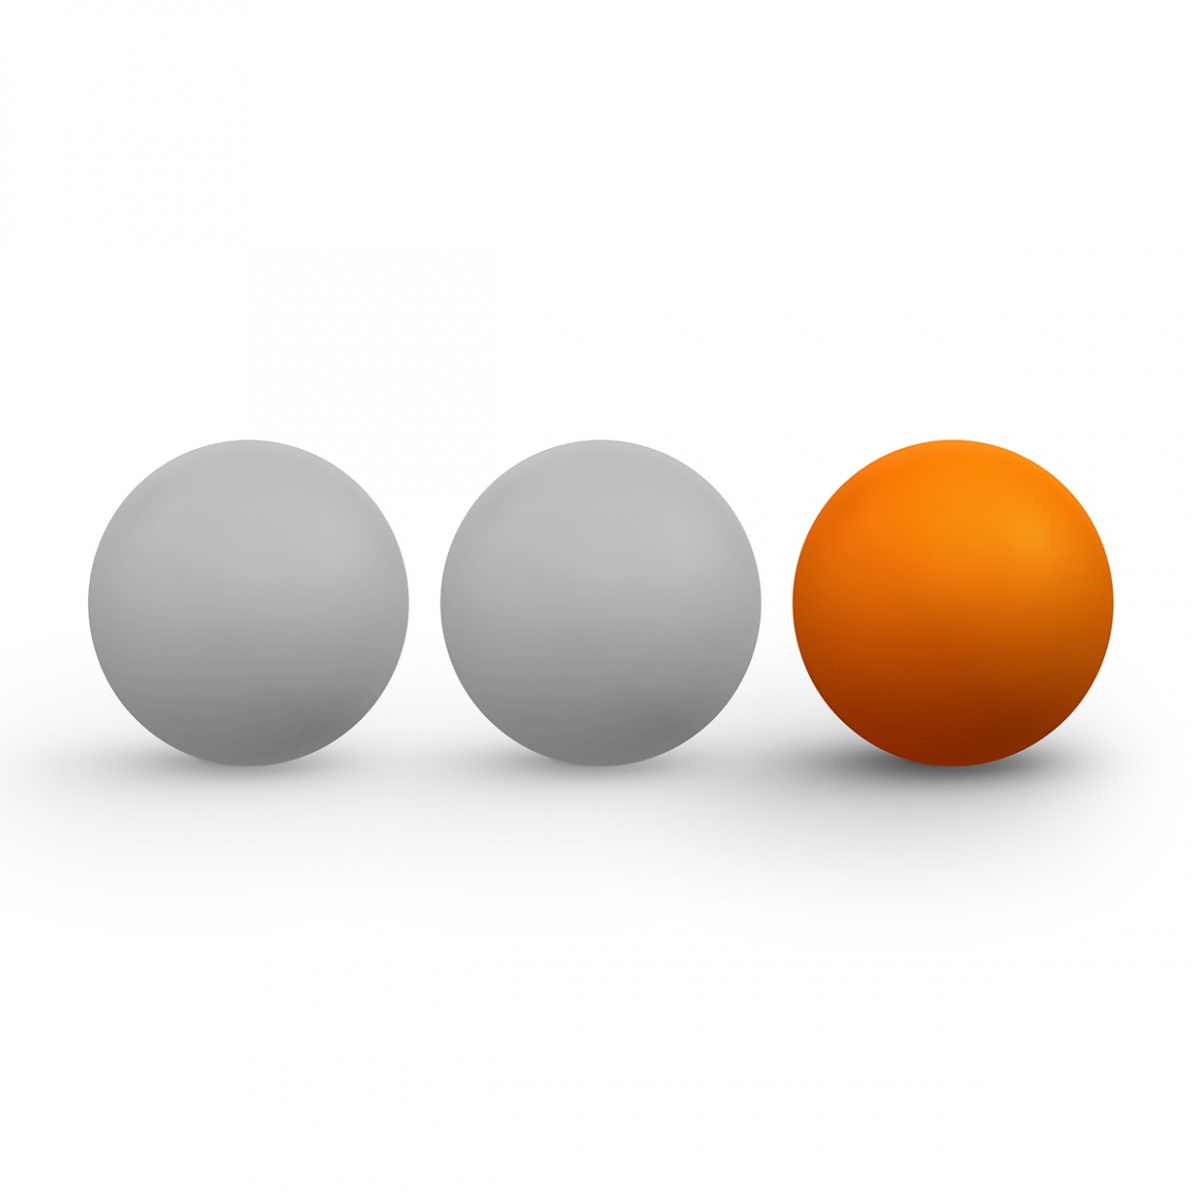 Imagen del concepto A la derecha